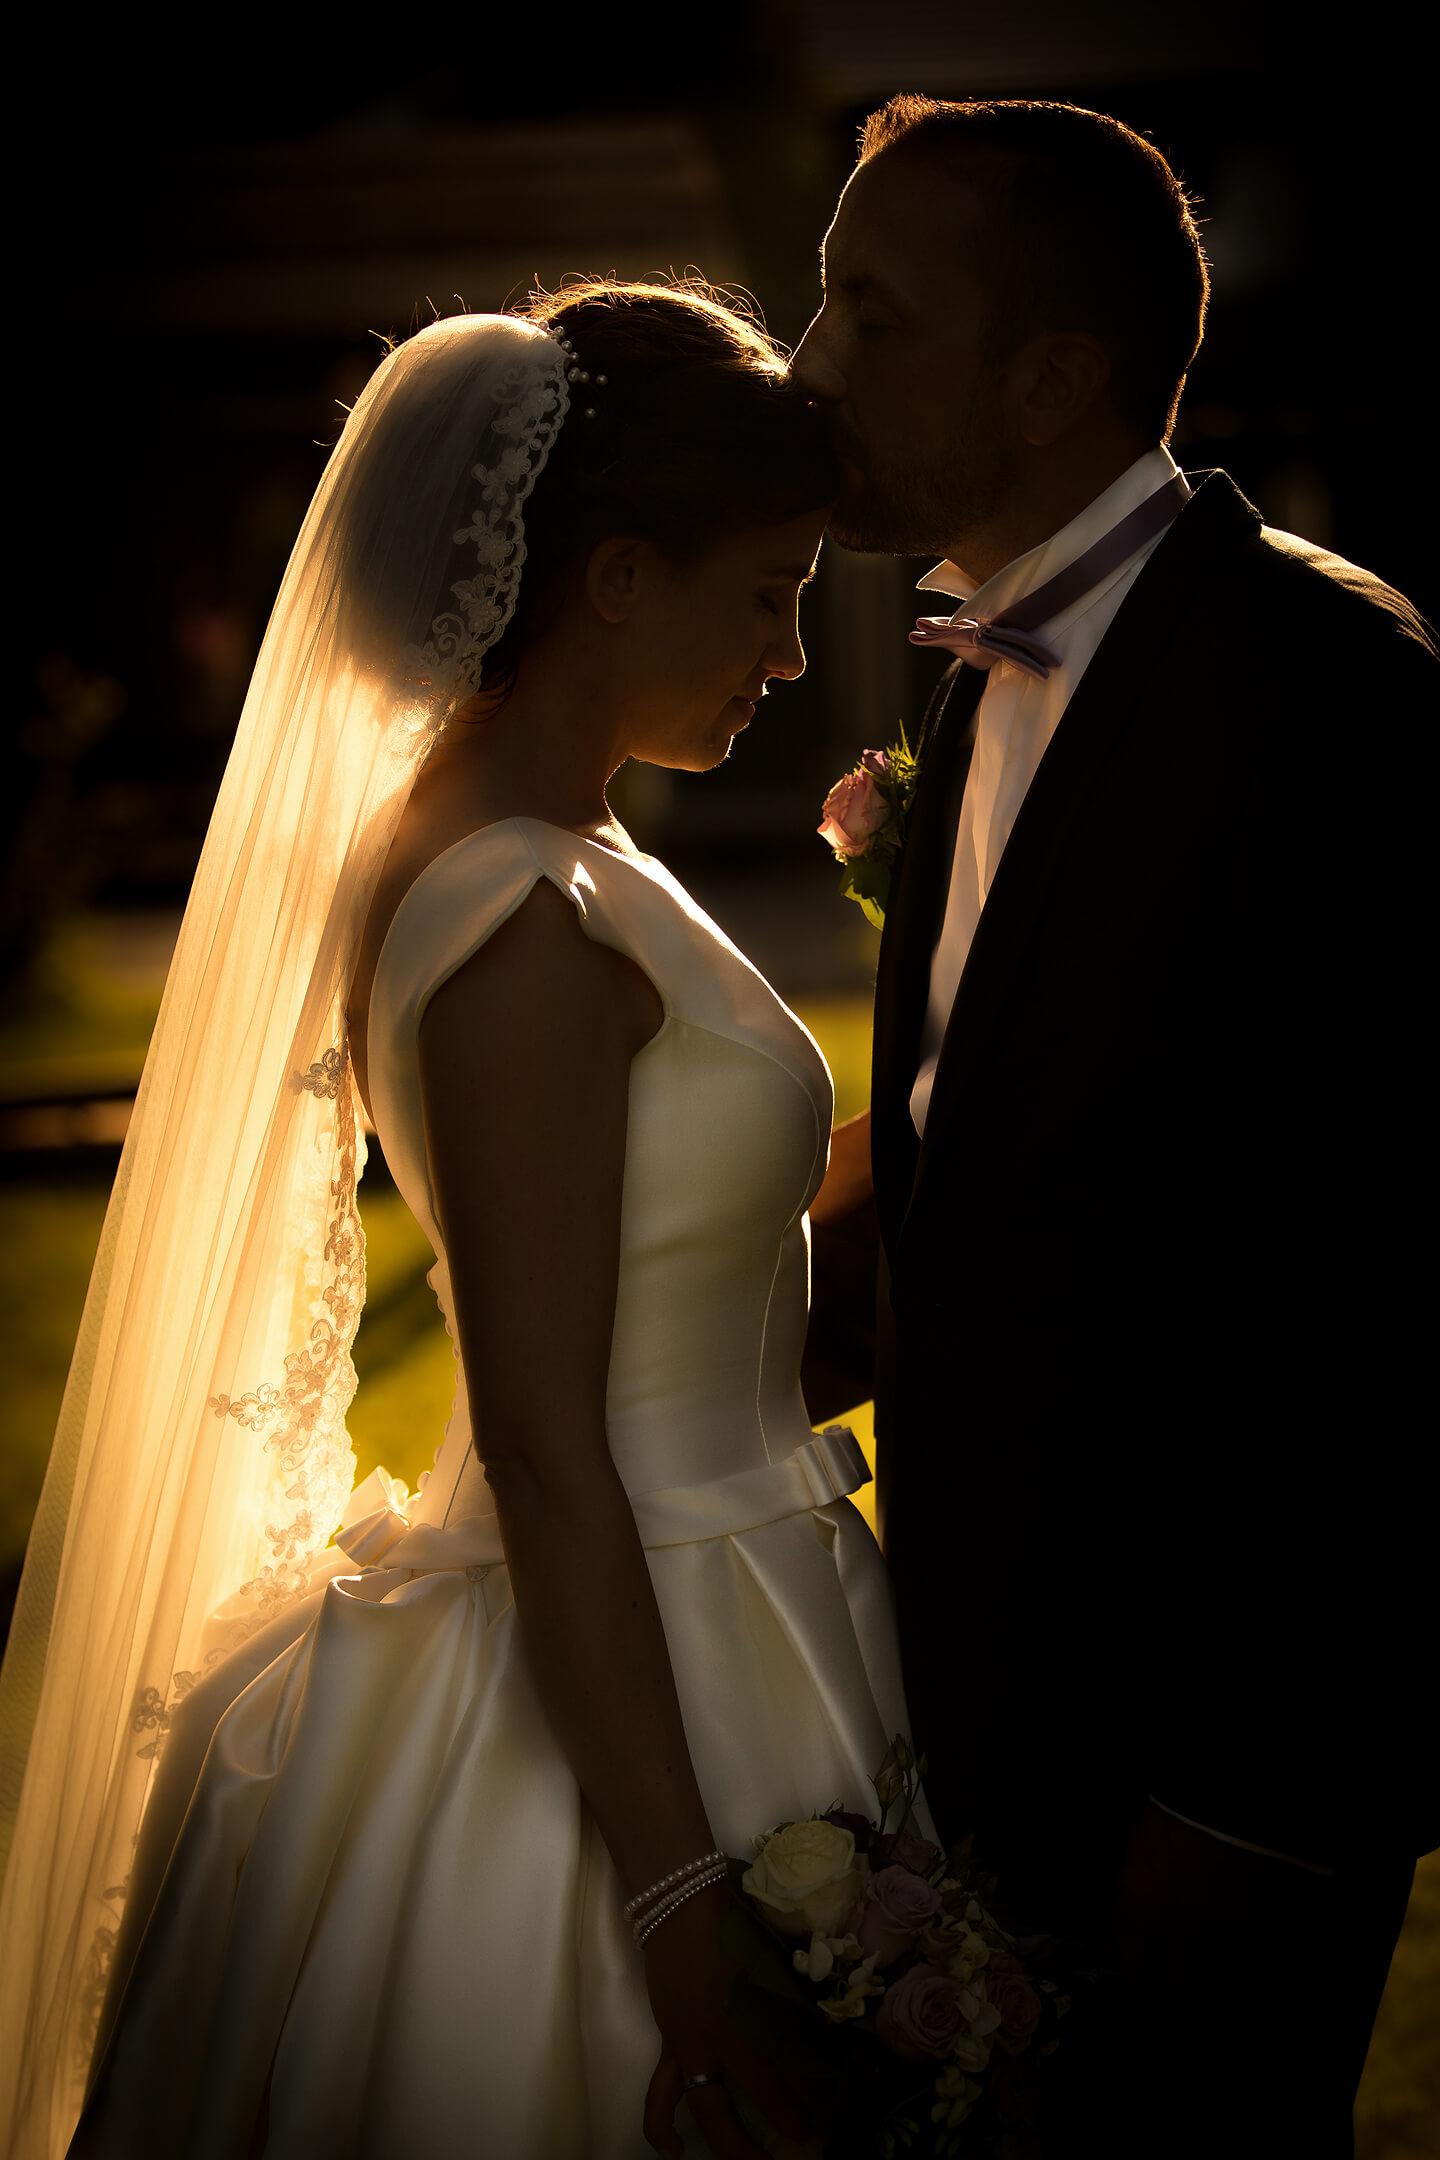 Hochzeitspaar im Gegenlicht der Abendsonne